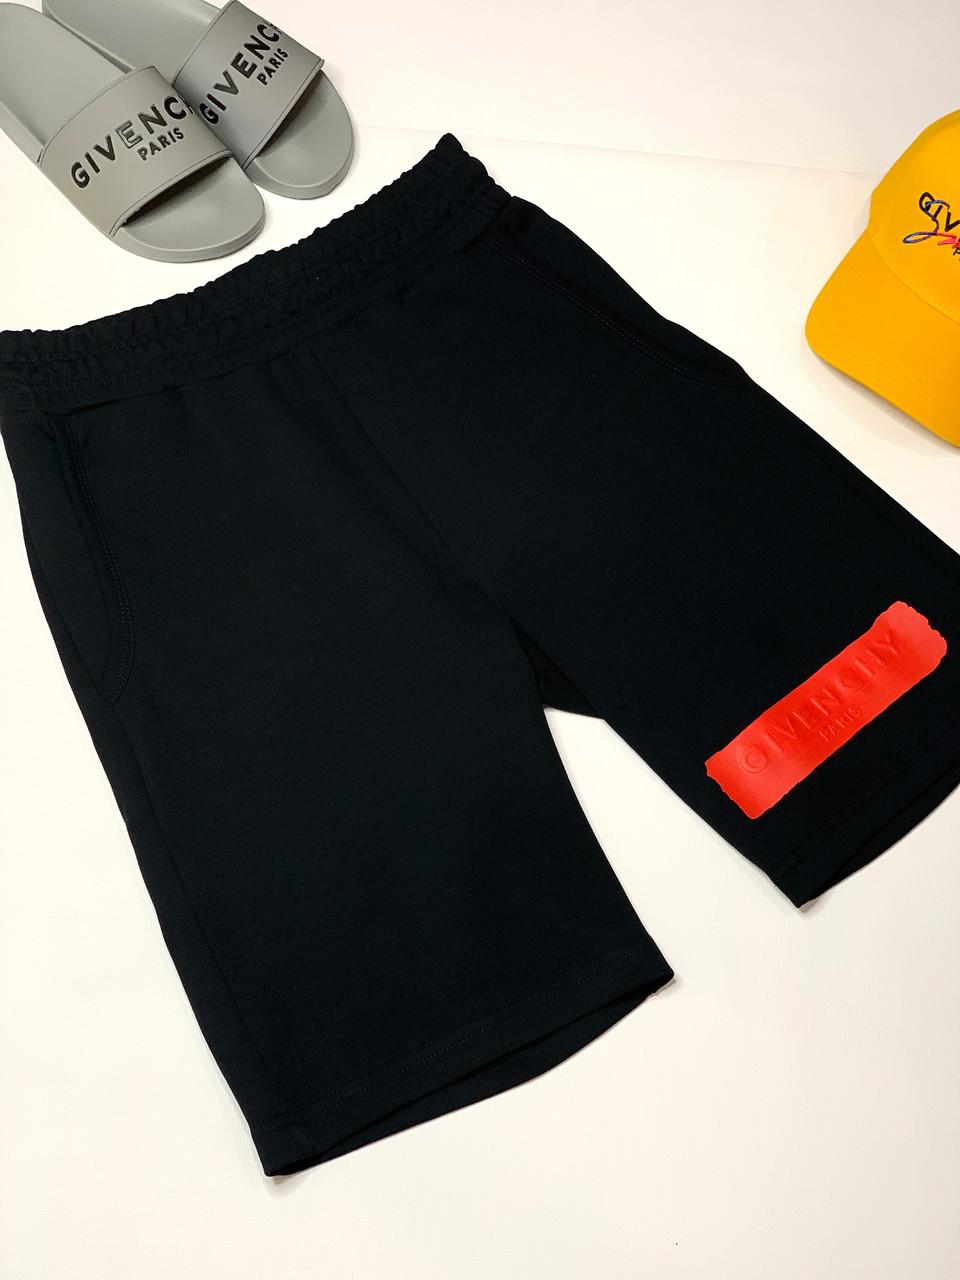 Шорти G!VENCHY тканинні чоловічі чорні брендові преміум копія репліка